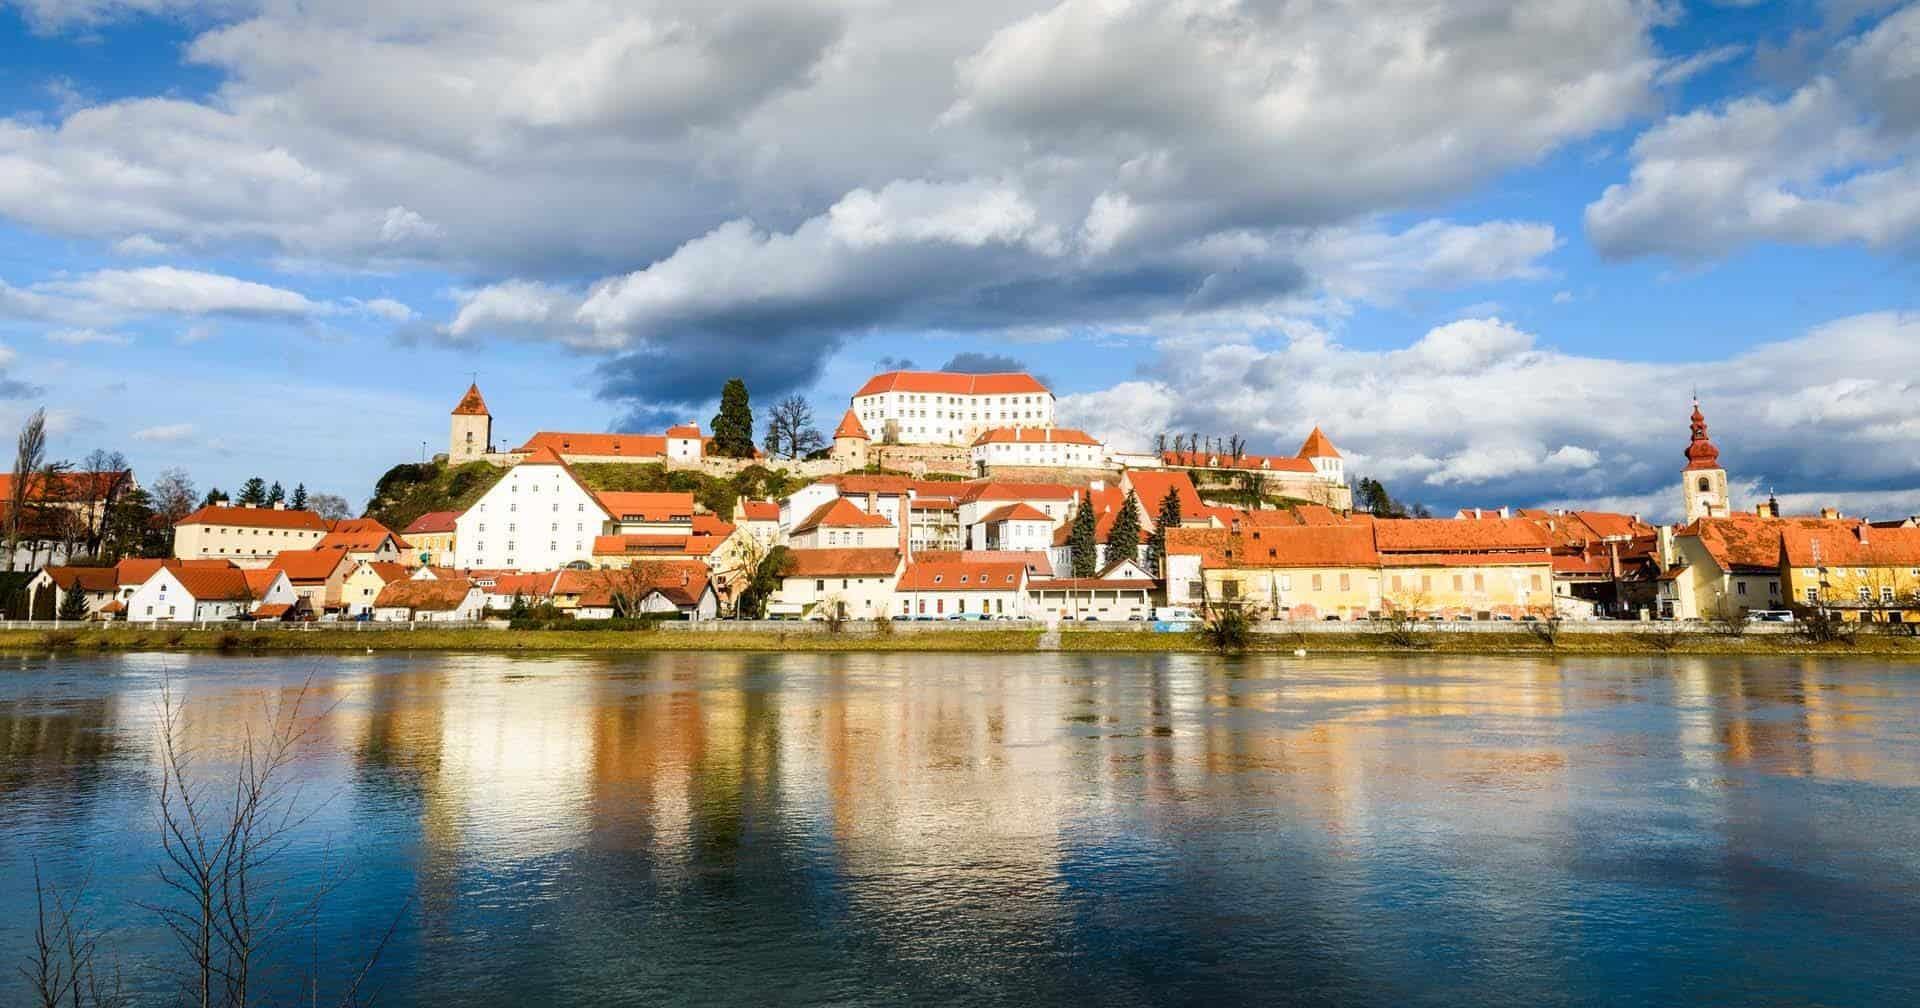 Top 10 Day Trips from Ljubljana (Slovenia)